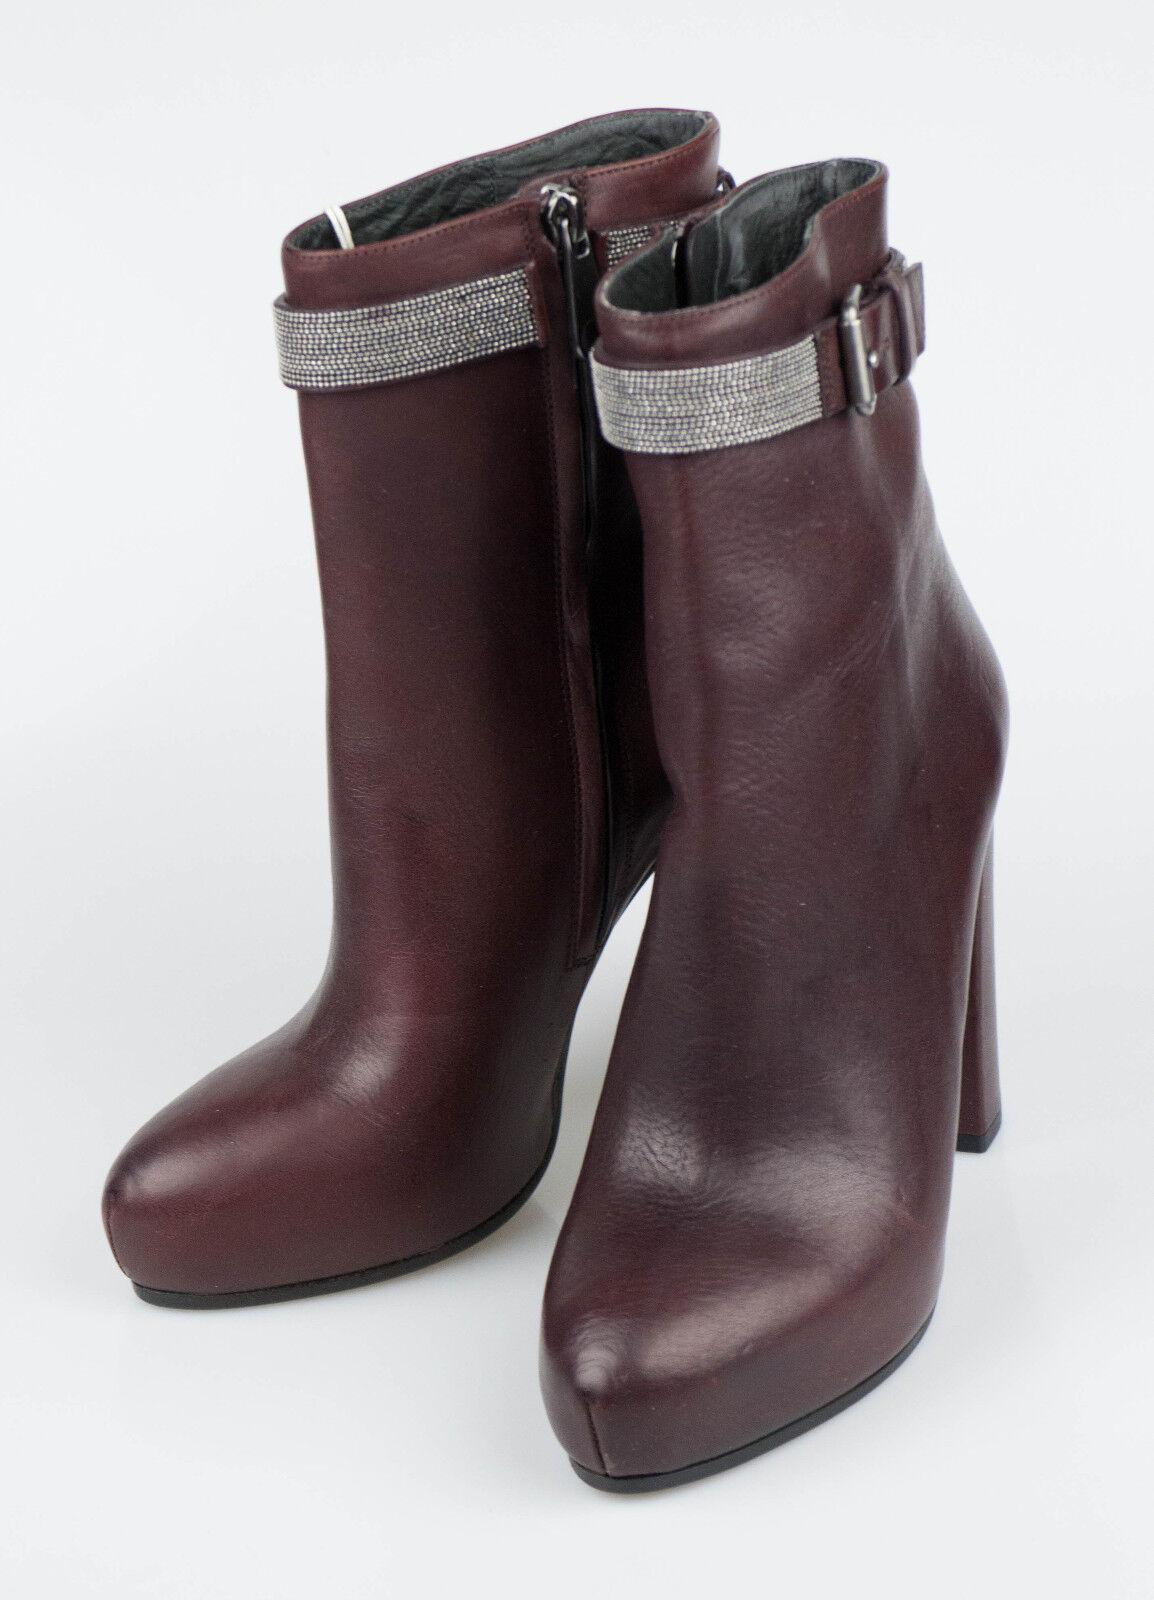 risparmia fino al 30-50% di sconto New. BRUNELLO CUCINELLI viola Leather avvioies Heels stivali scarpe 7 7 7 37  1970  scelte con prezzo basso